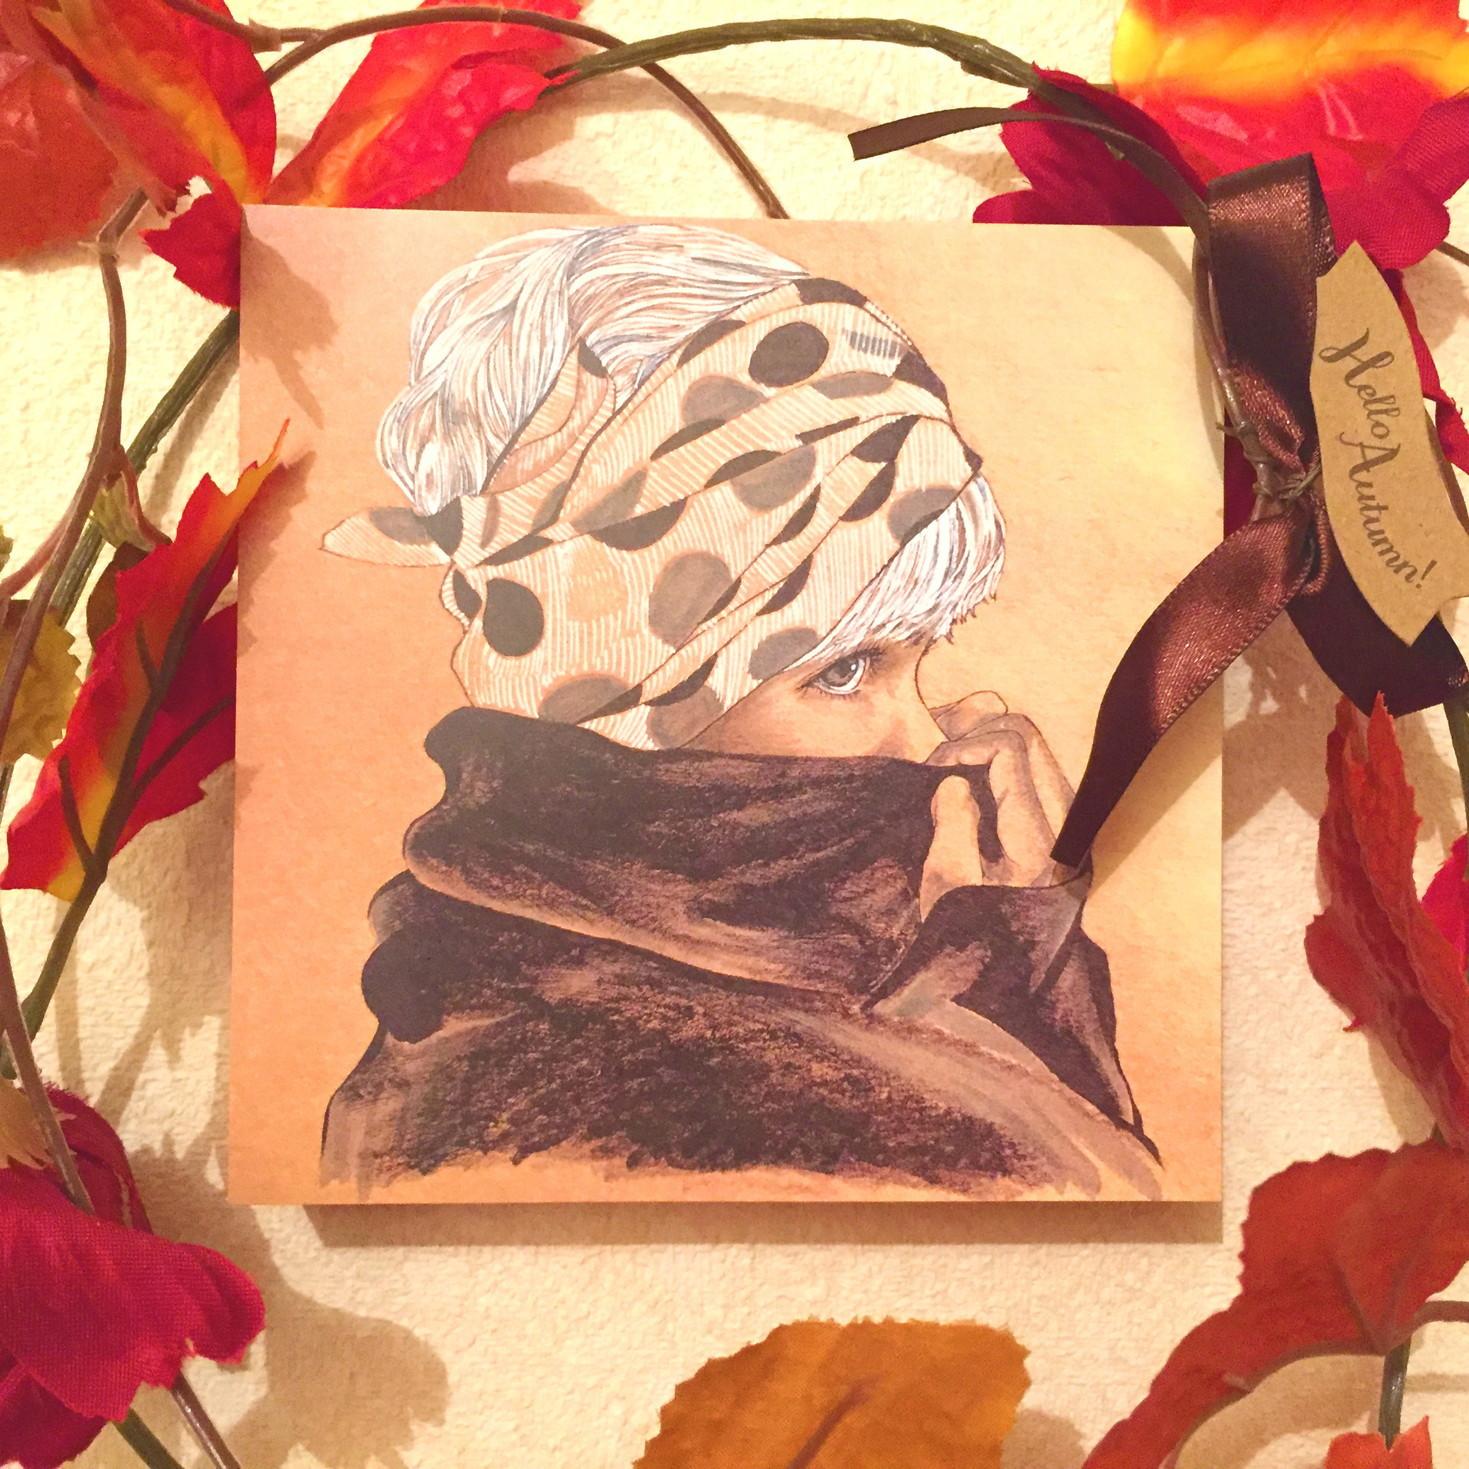 絵画 インテリア アートパネル 雑貨 壁掛け 置物 おしゃれ イラスト アクリル画 写実画 現代アート ロココロ 画家 : 近藤 真喜子 作品 : k-2